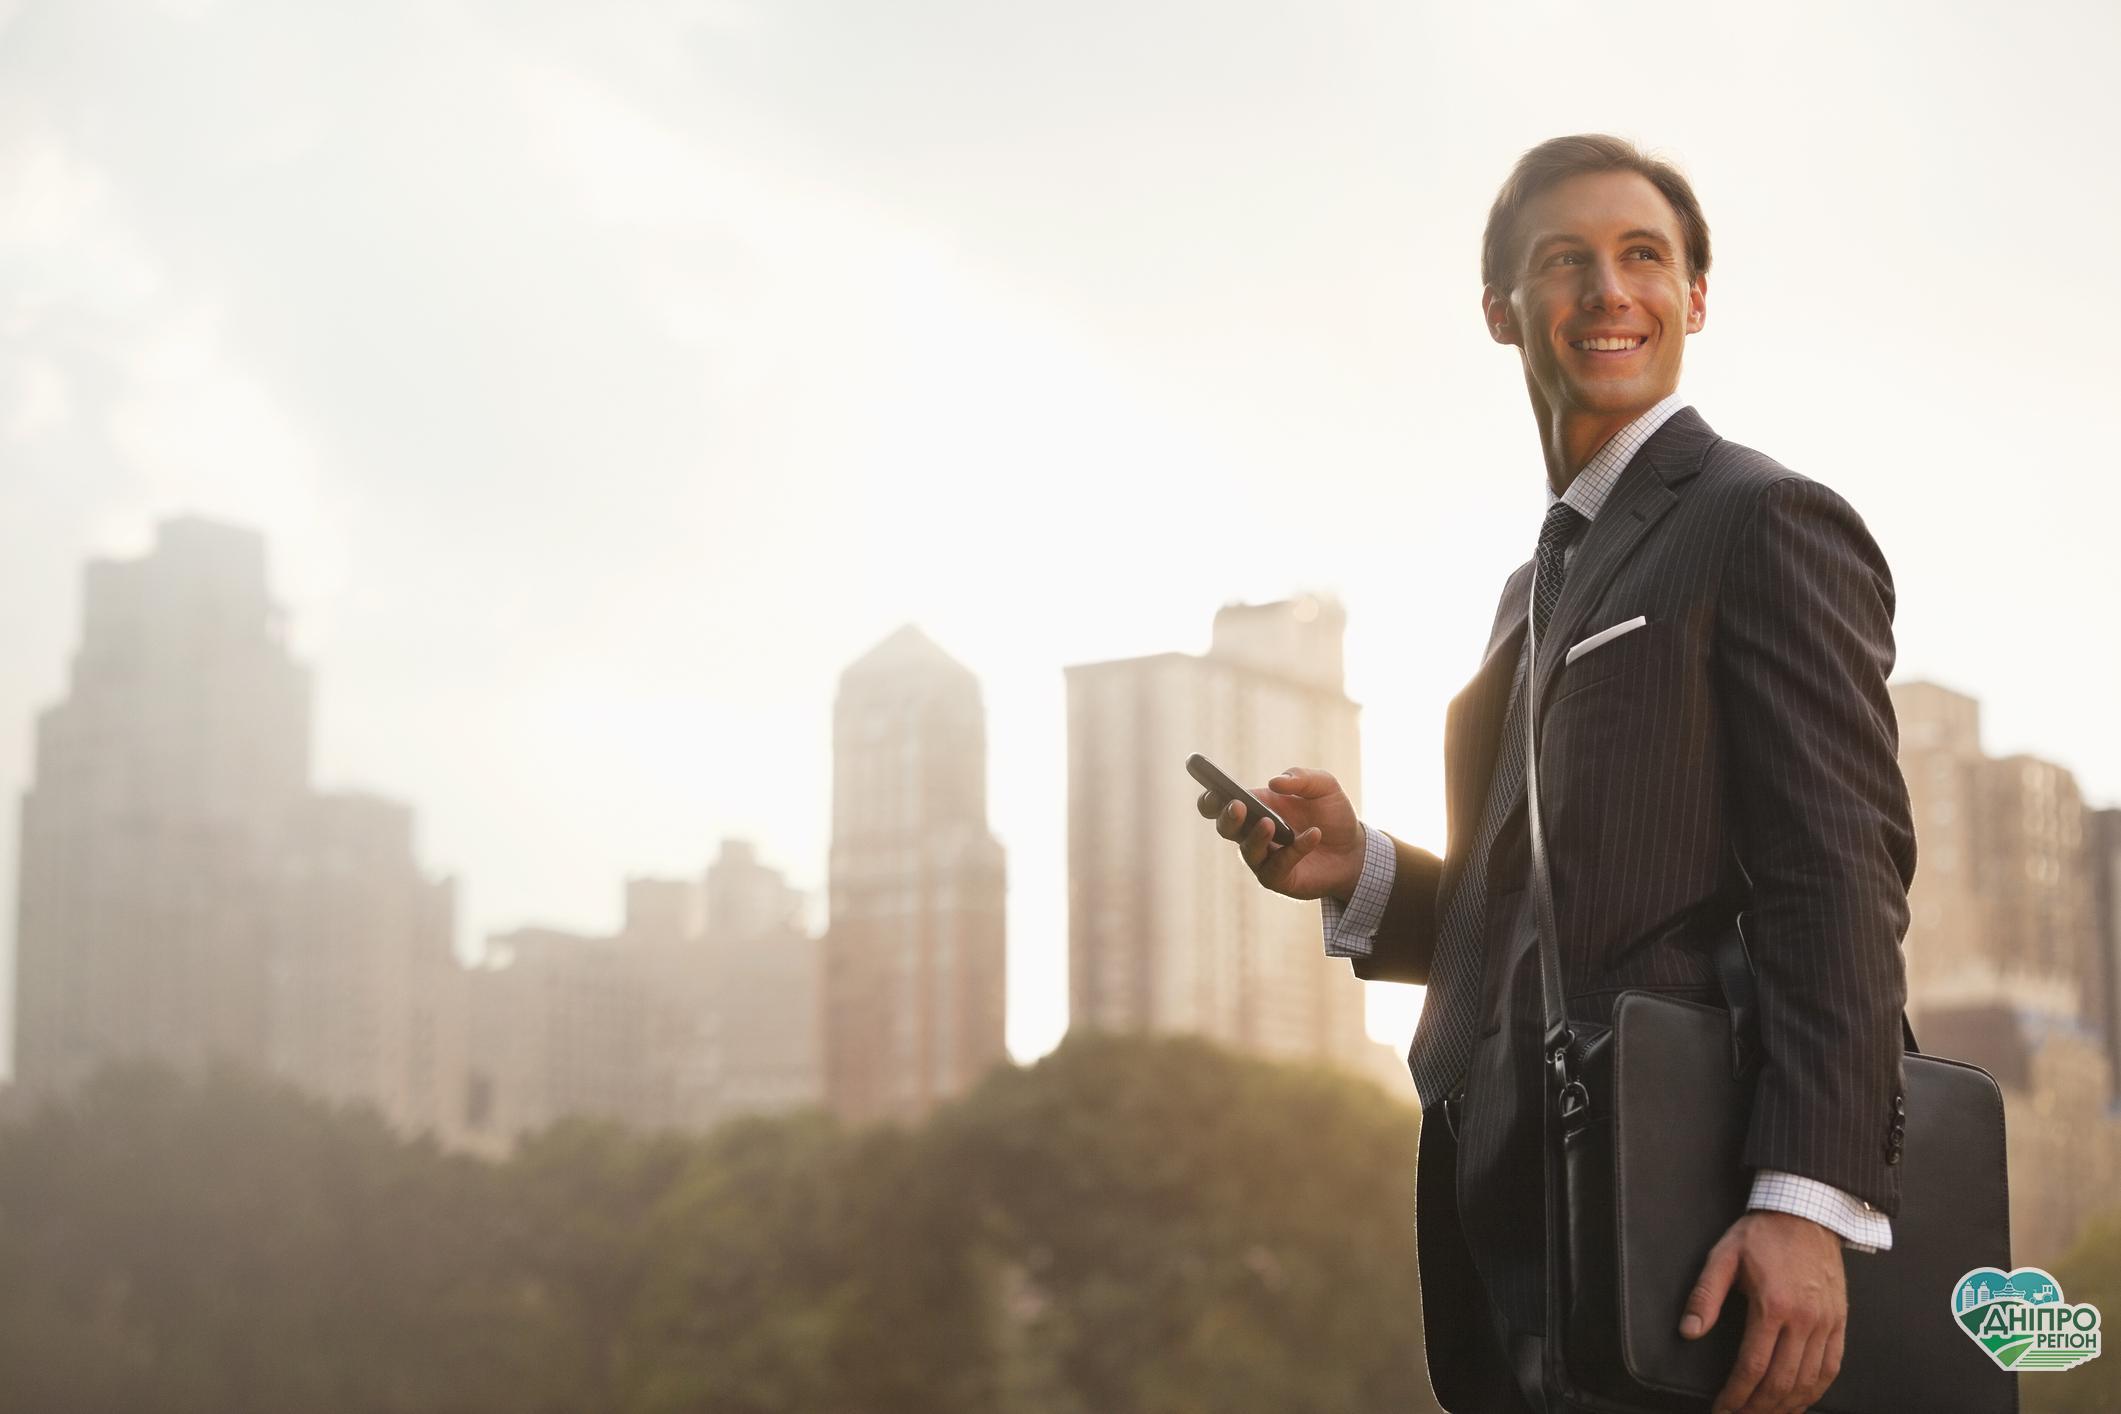 Самообразование с форумом Складчина как возможность выйти на новый профессиональный уровень